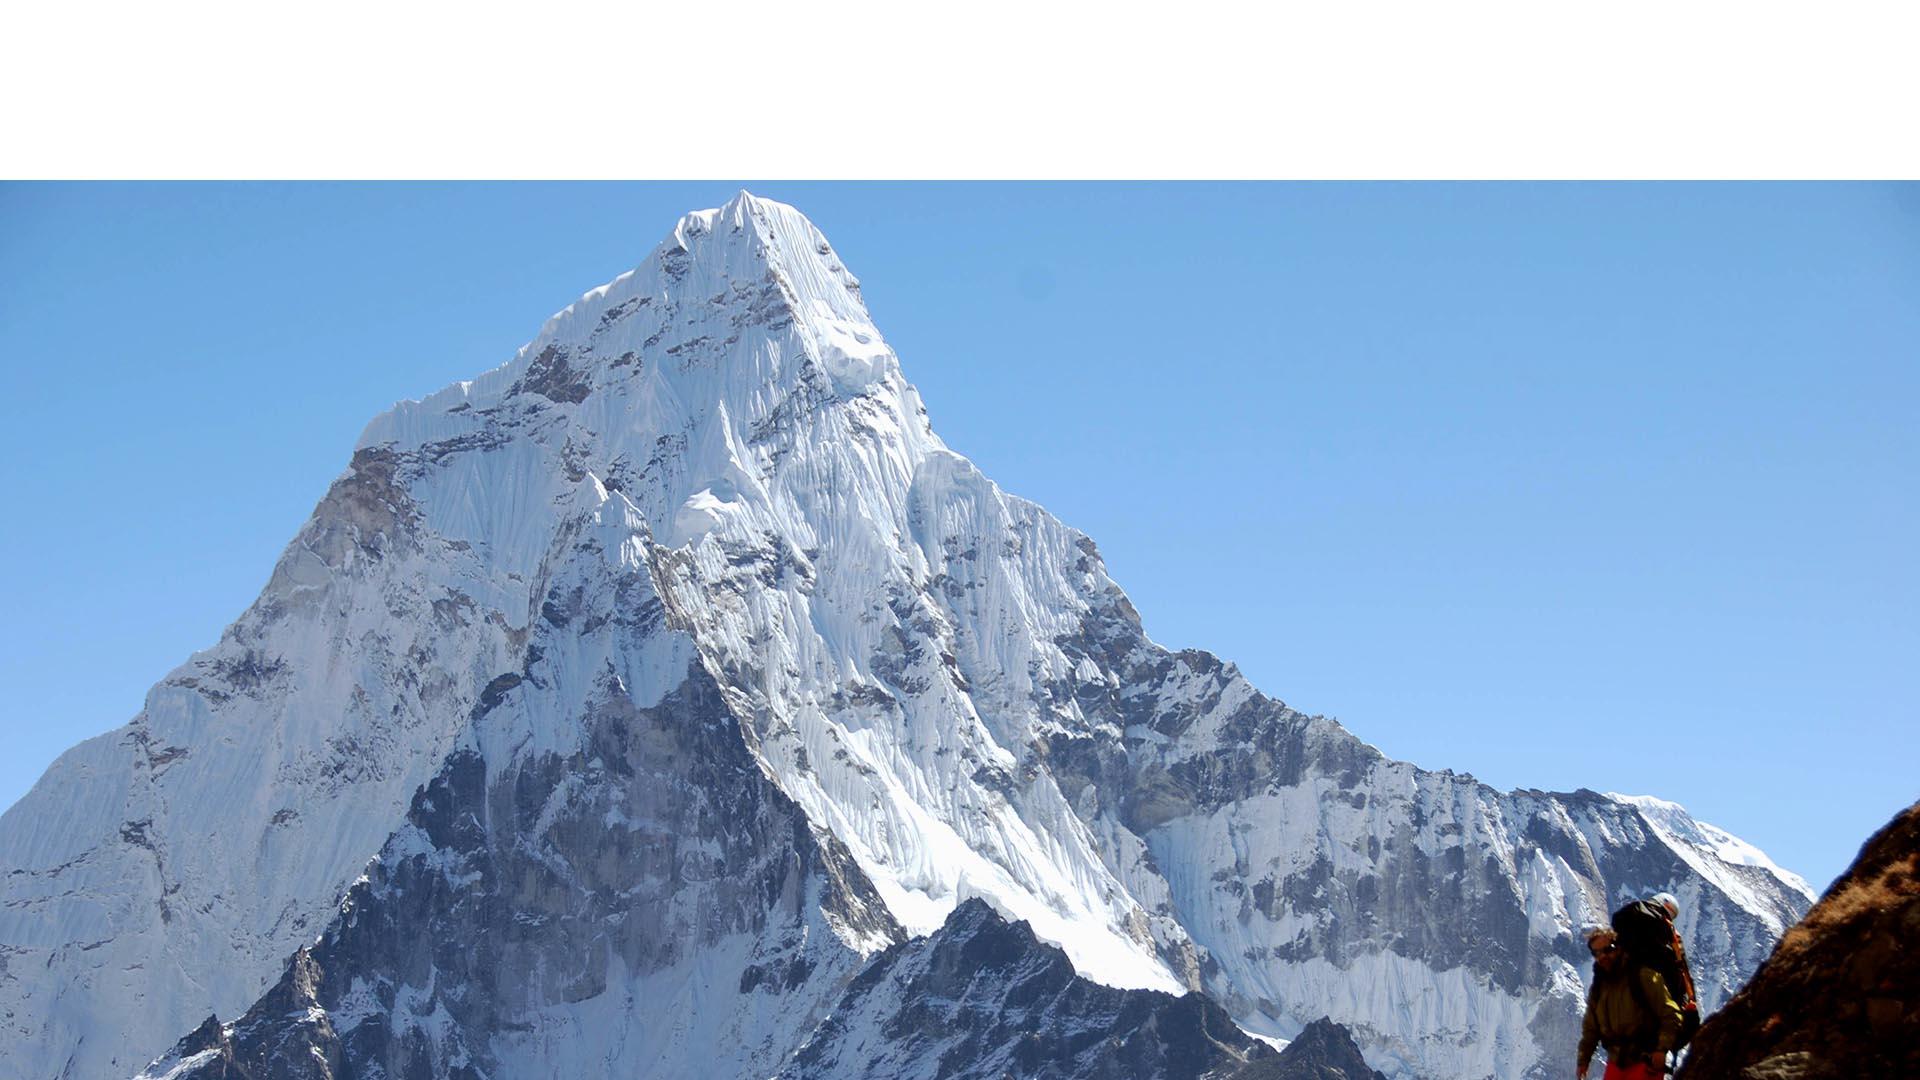 Alberto Camardiel y el grupo de montañistas venezolanos concluye con éxito la expedición a Nepal. Luis Aranda, Andrea Orsoni, Mery Aranda, Eduardo Rojas también retornan a Venezuela en estupendas condiciones